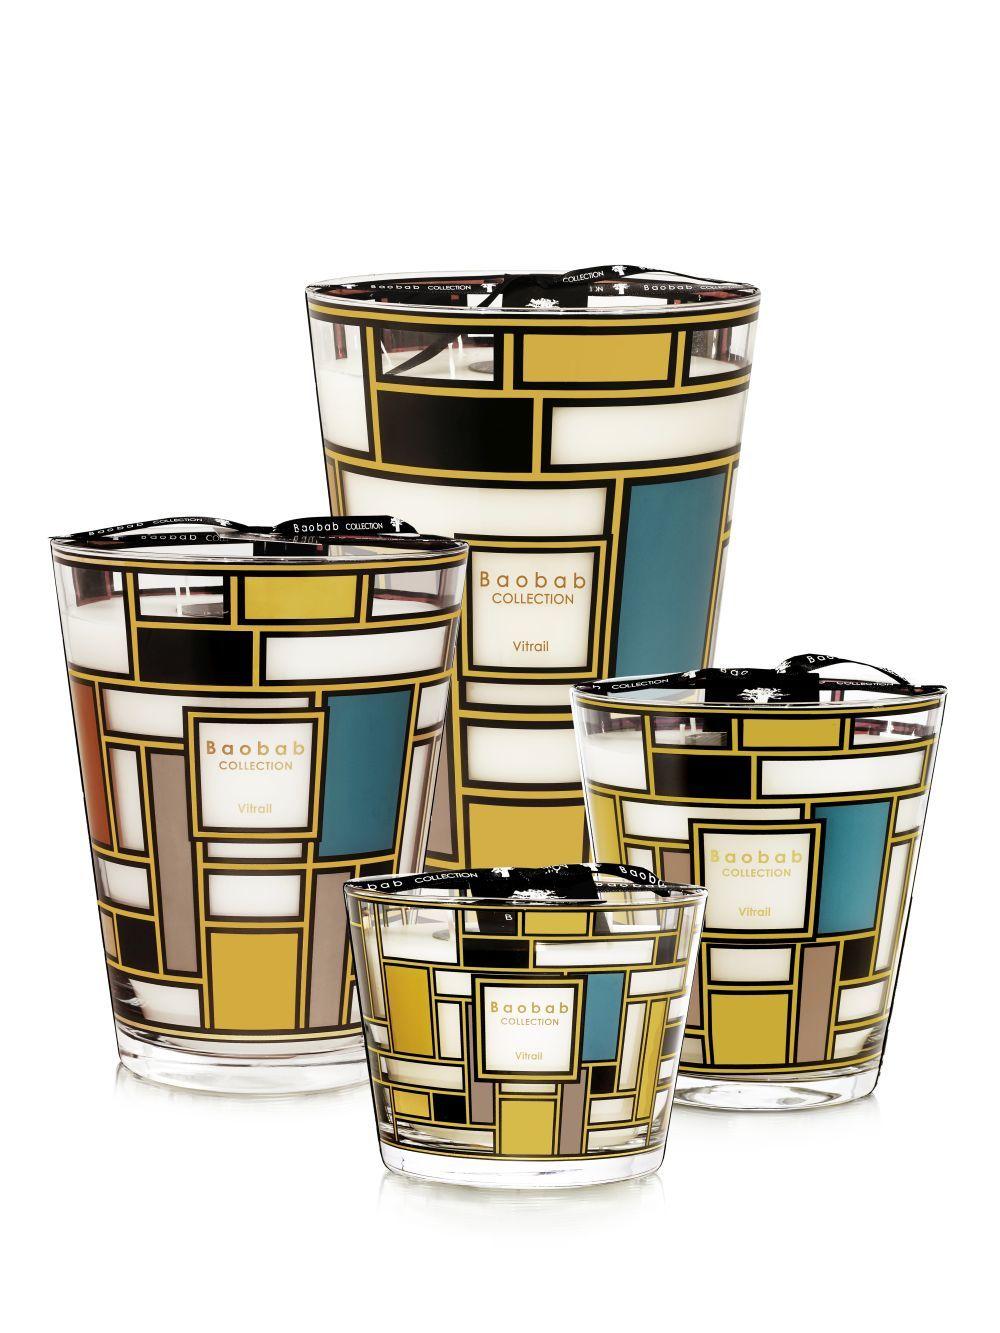 Velas perfumadas de Baobab Collection inspiradas en los diseños geométricos de Piet Mondrian. Entre 89 y 525 euros.